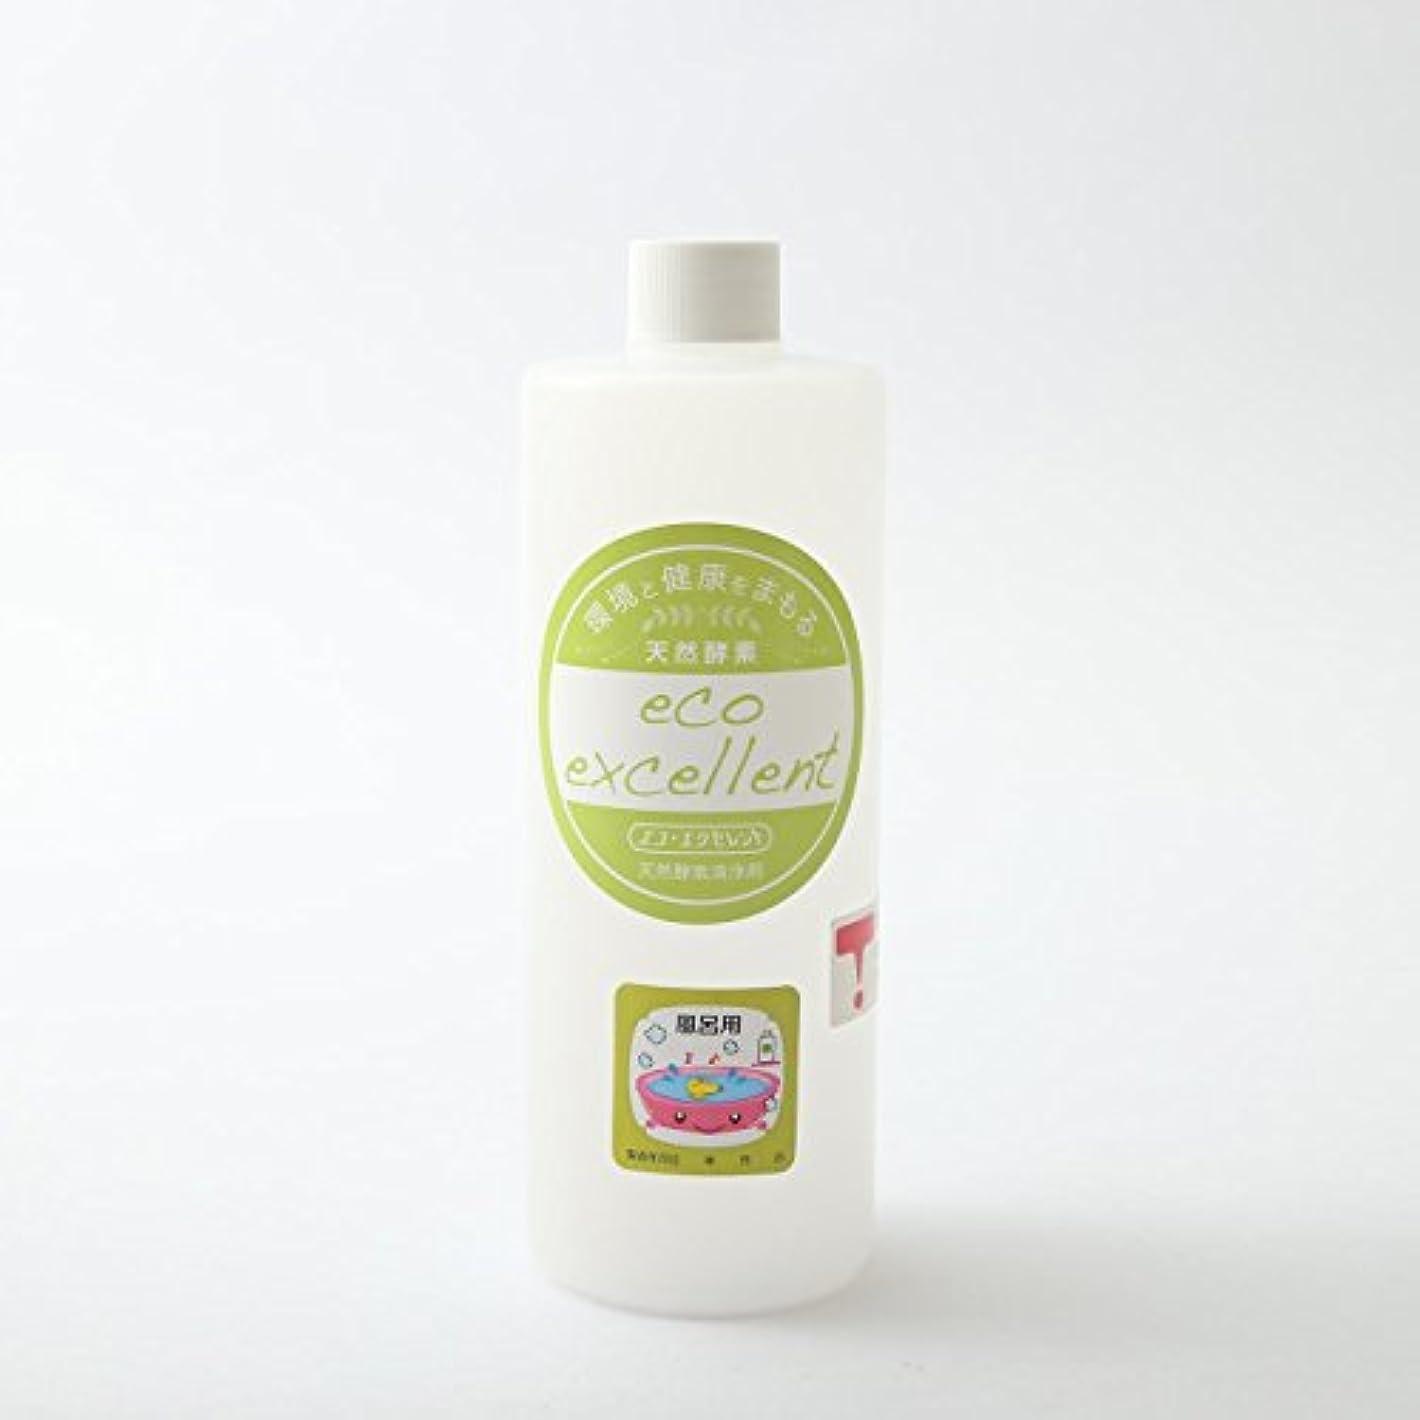 コンドームスチュアート島ボーダー天然酵素洗浄剤 エコエクセレント風呂用